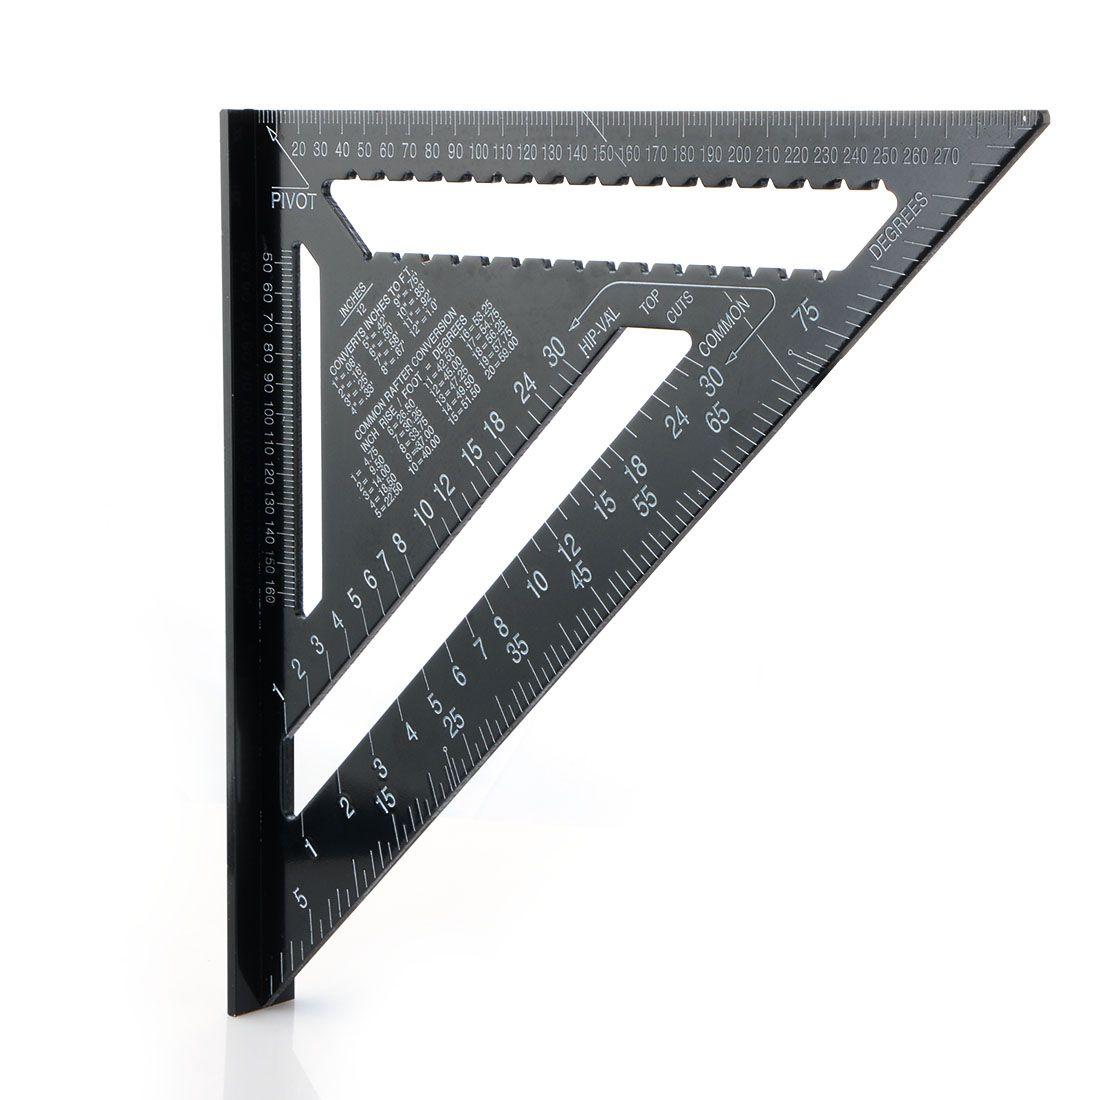 12 Pulgadas Negro Triángulo Regla Para Trabajar La Madera Herramienta de Medición de Lectura Rápida Herramienta de Diseño Cuadrado P20